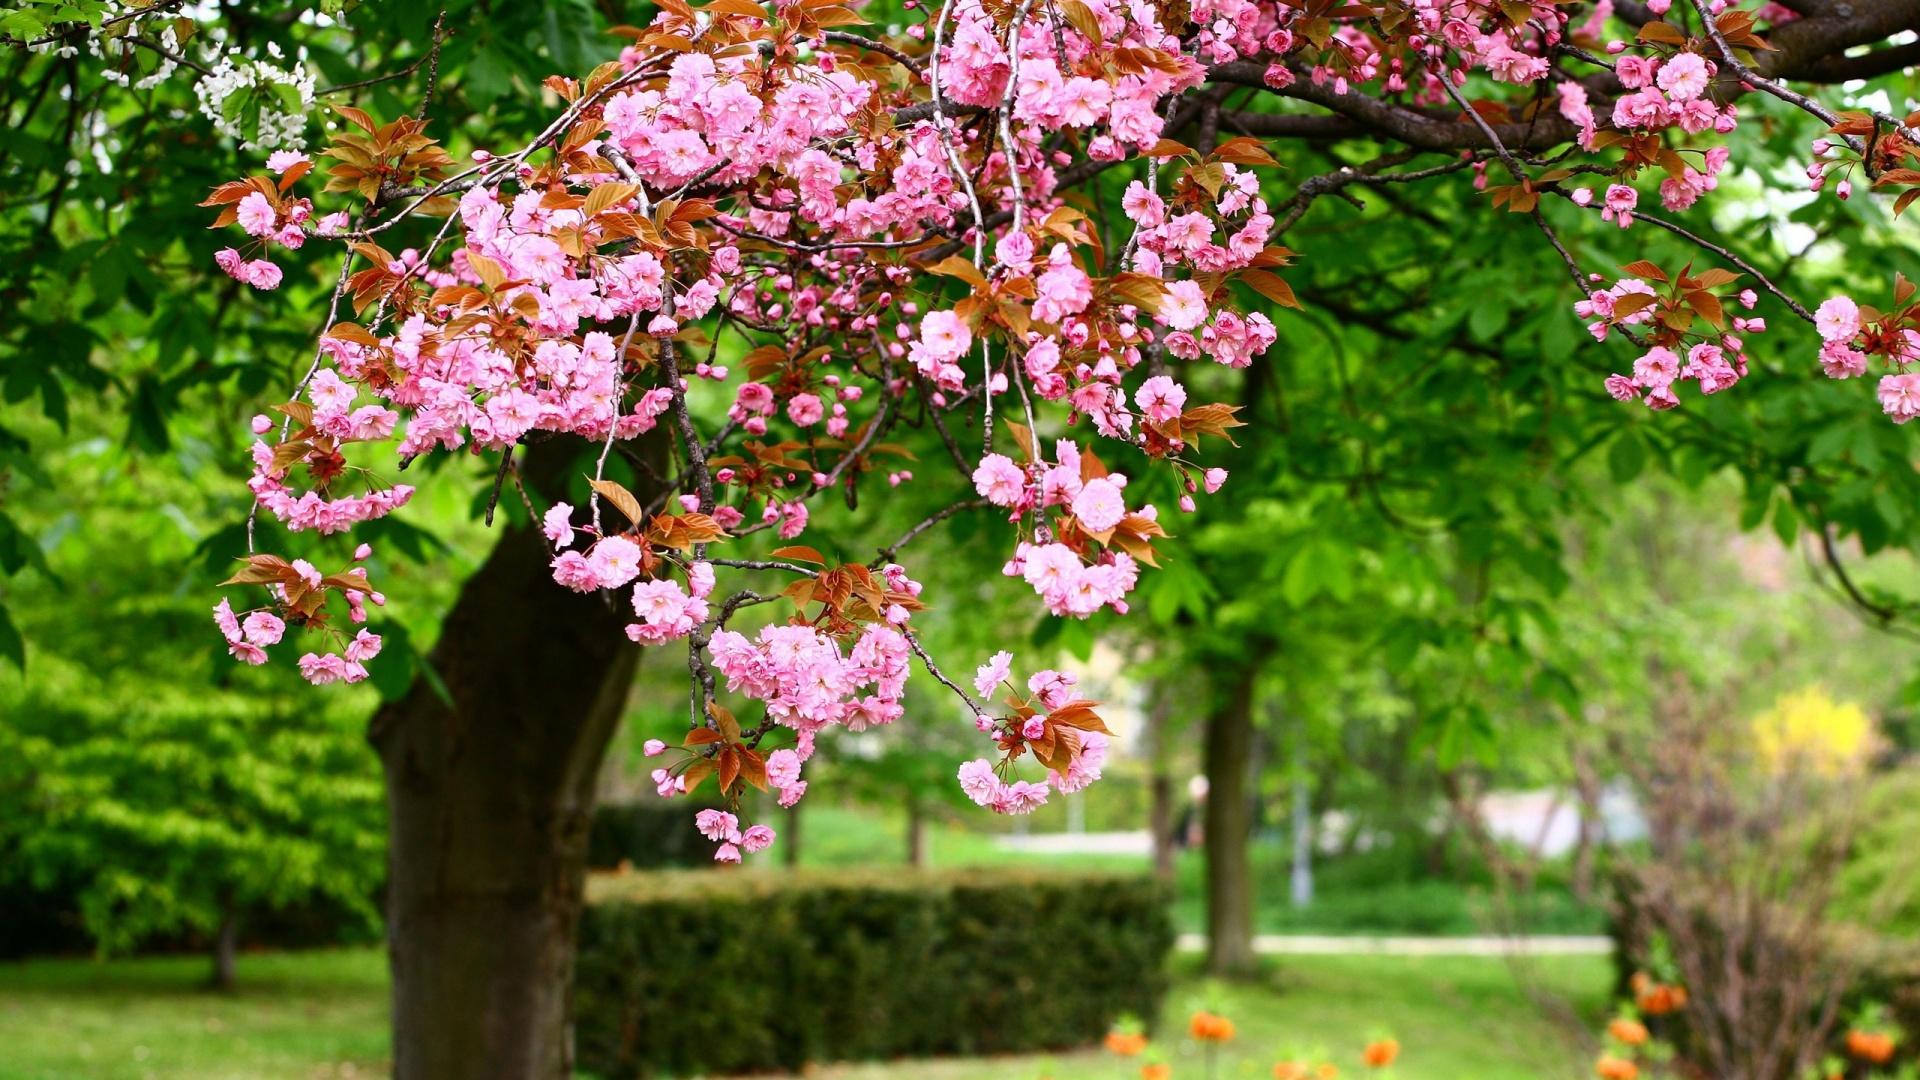 Spring flowers wallpaper desktop best spring flowers images 1920x1080 mightylinksfo Gallery